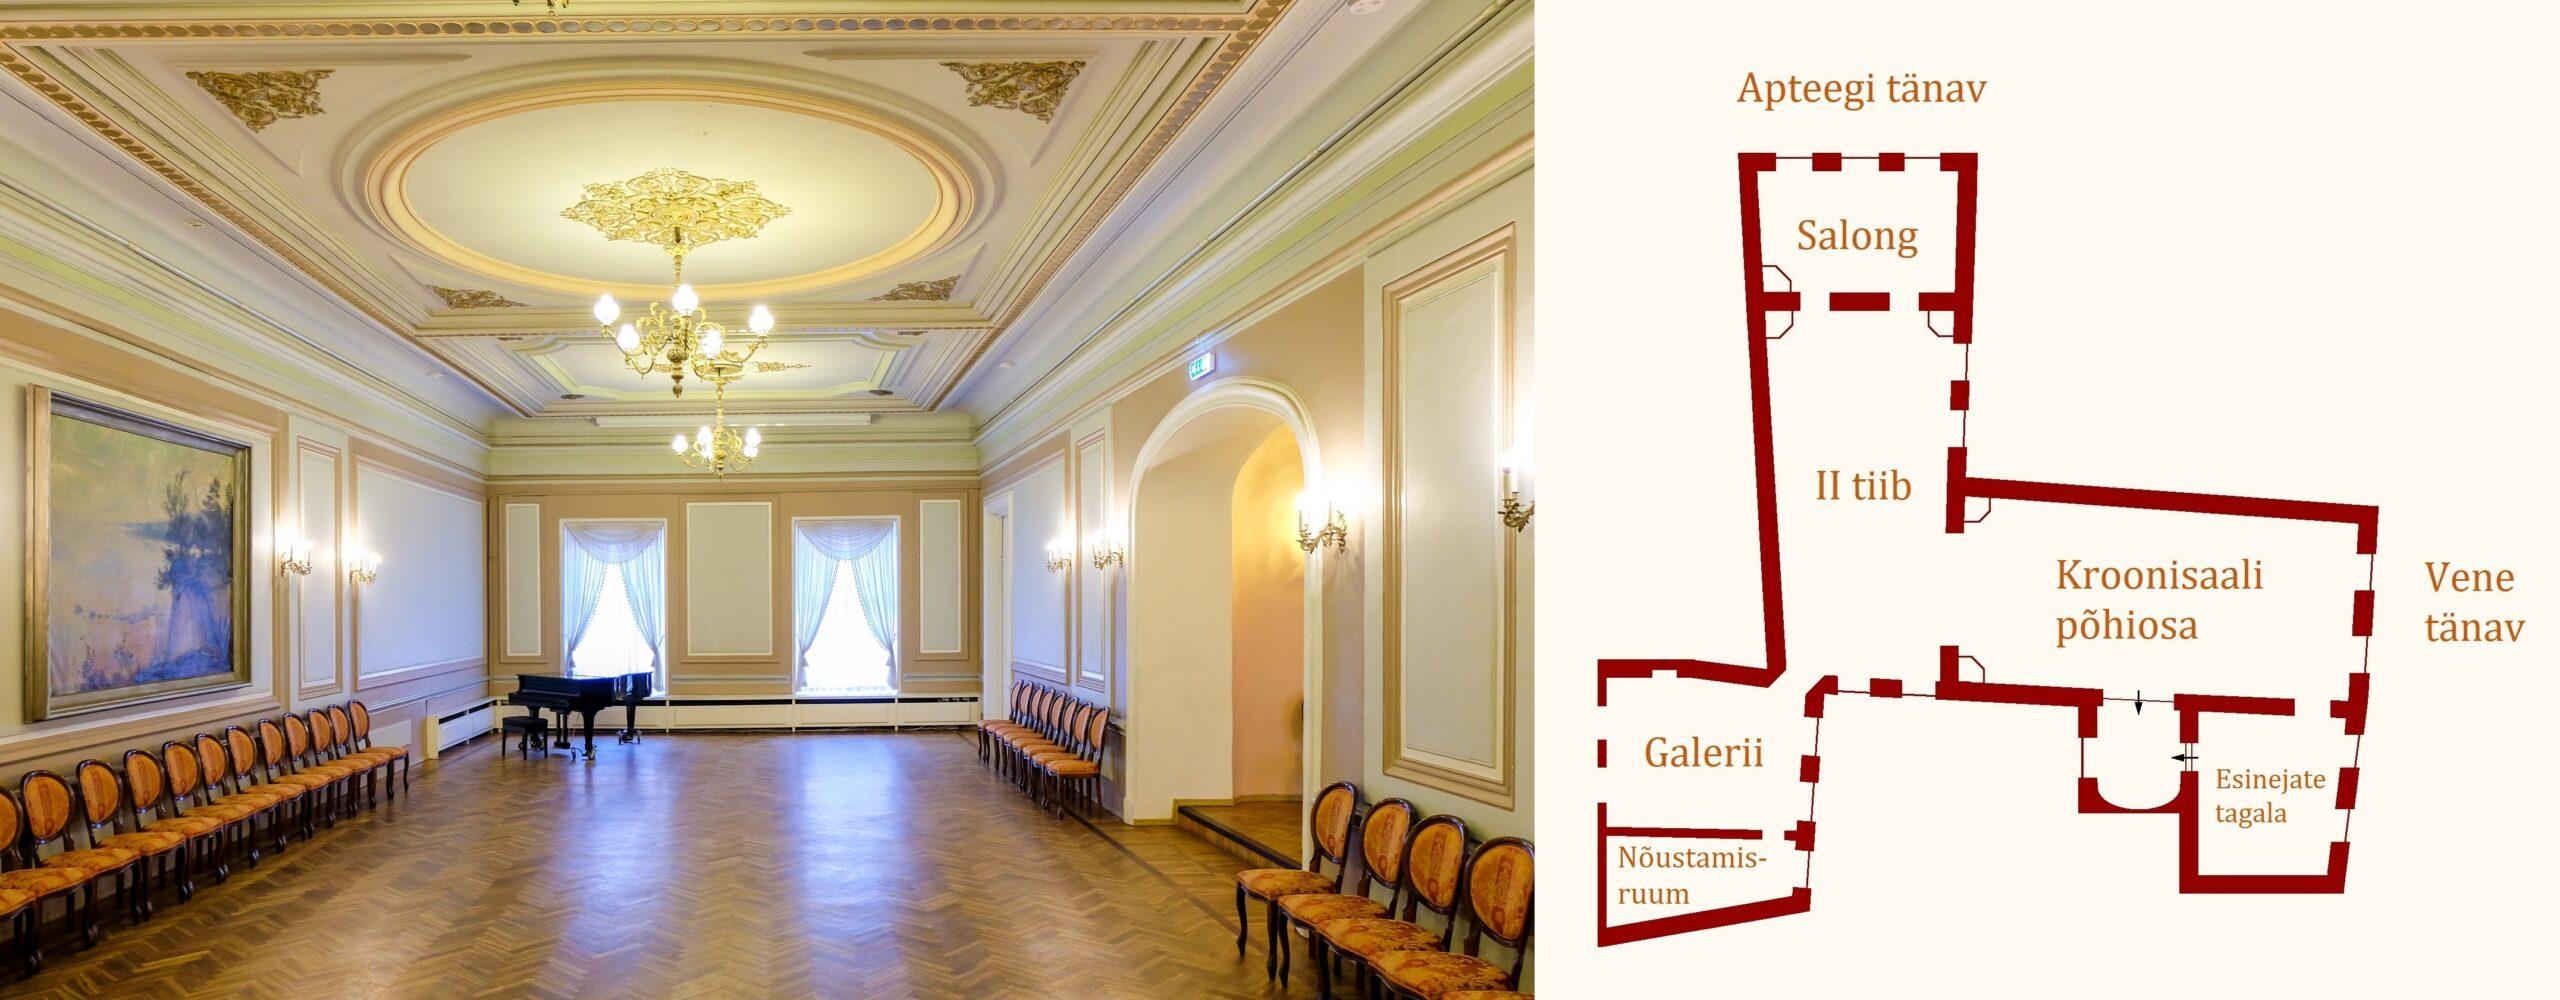 Tallinna Õpetajate Maja Kroonisaal. Redigeerimine: Kadri Kuurberg 2020